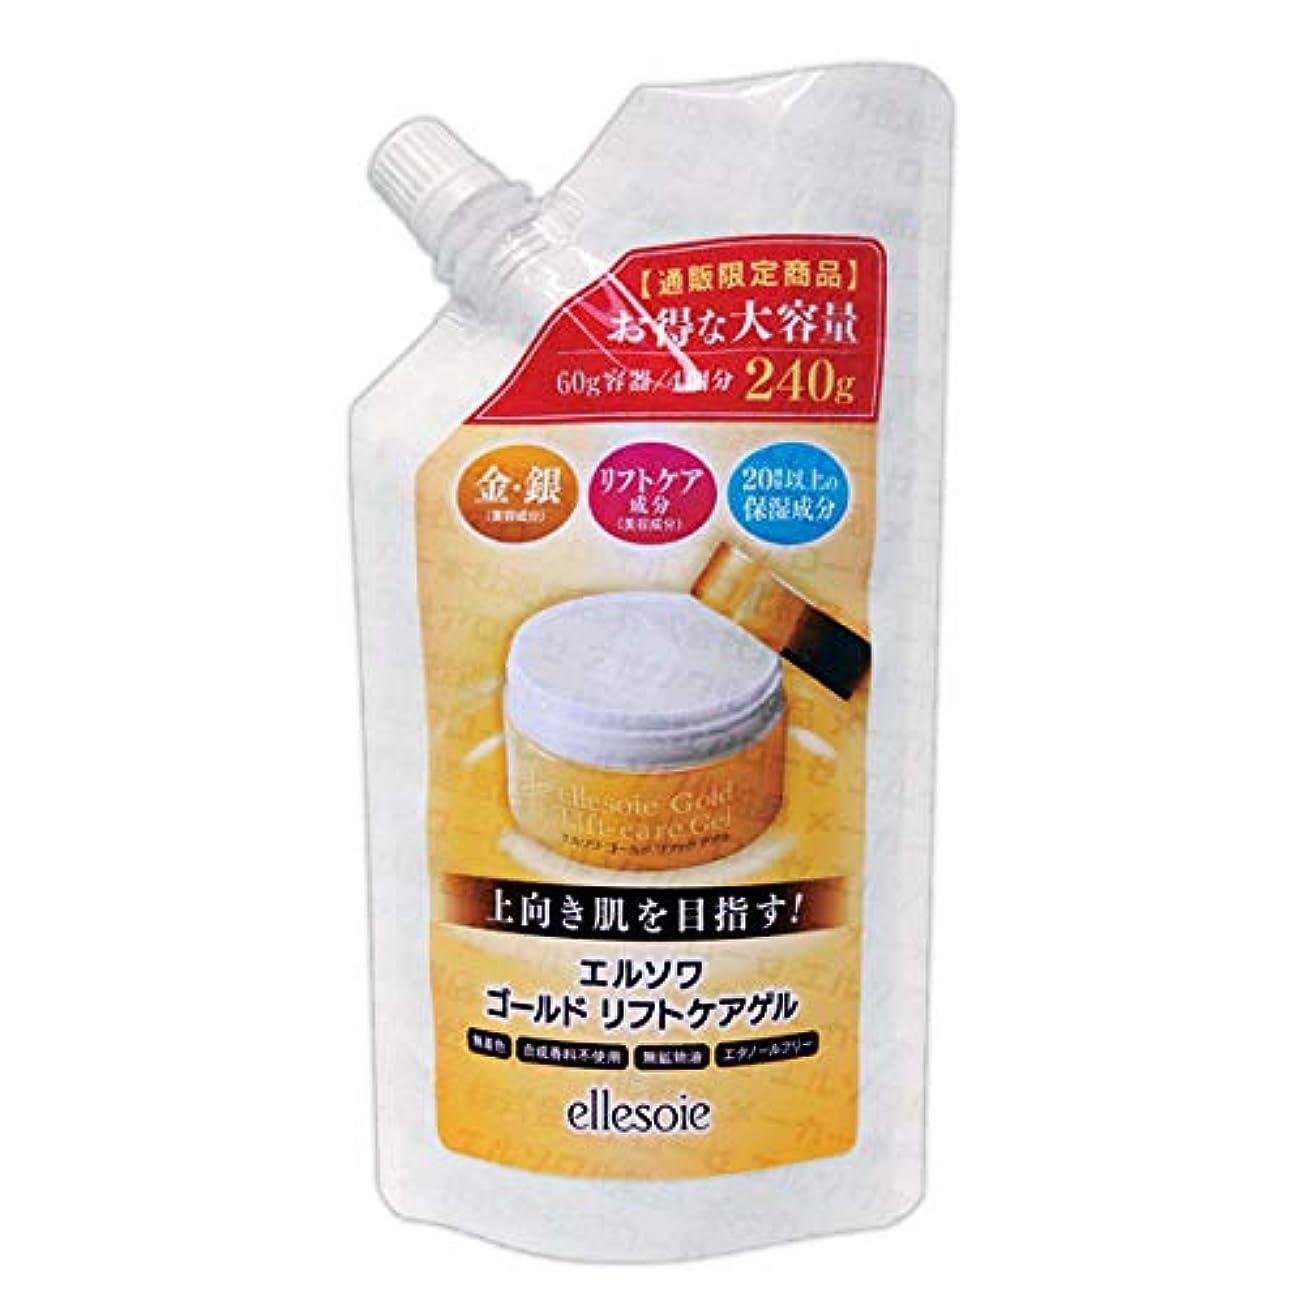 きしむ思い出させるミサイルエルソワ化粧品(ellesoie) ゴールドリフトケアゲル 年齢肌向けオールインワン (詰替用240g)